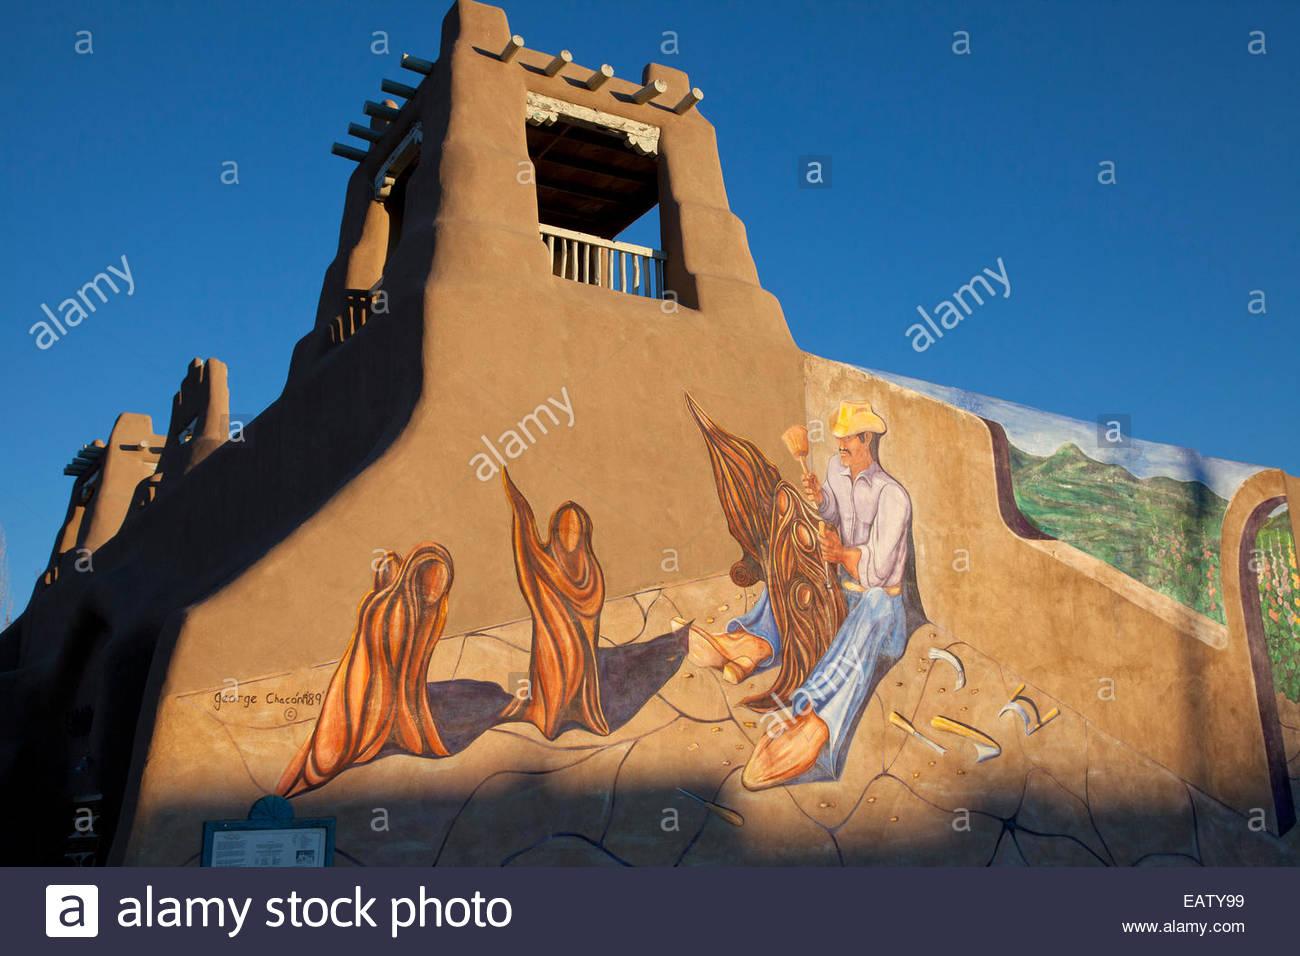 """Eine Wandbild mit dem Titel """"El Santero' von George Chacon. Stockbild"""